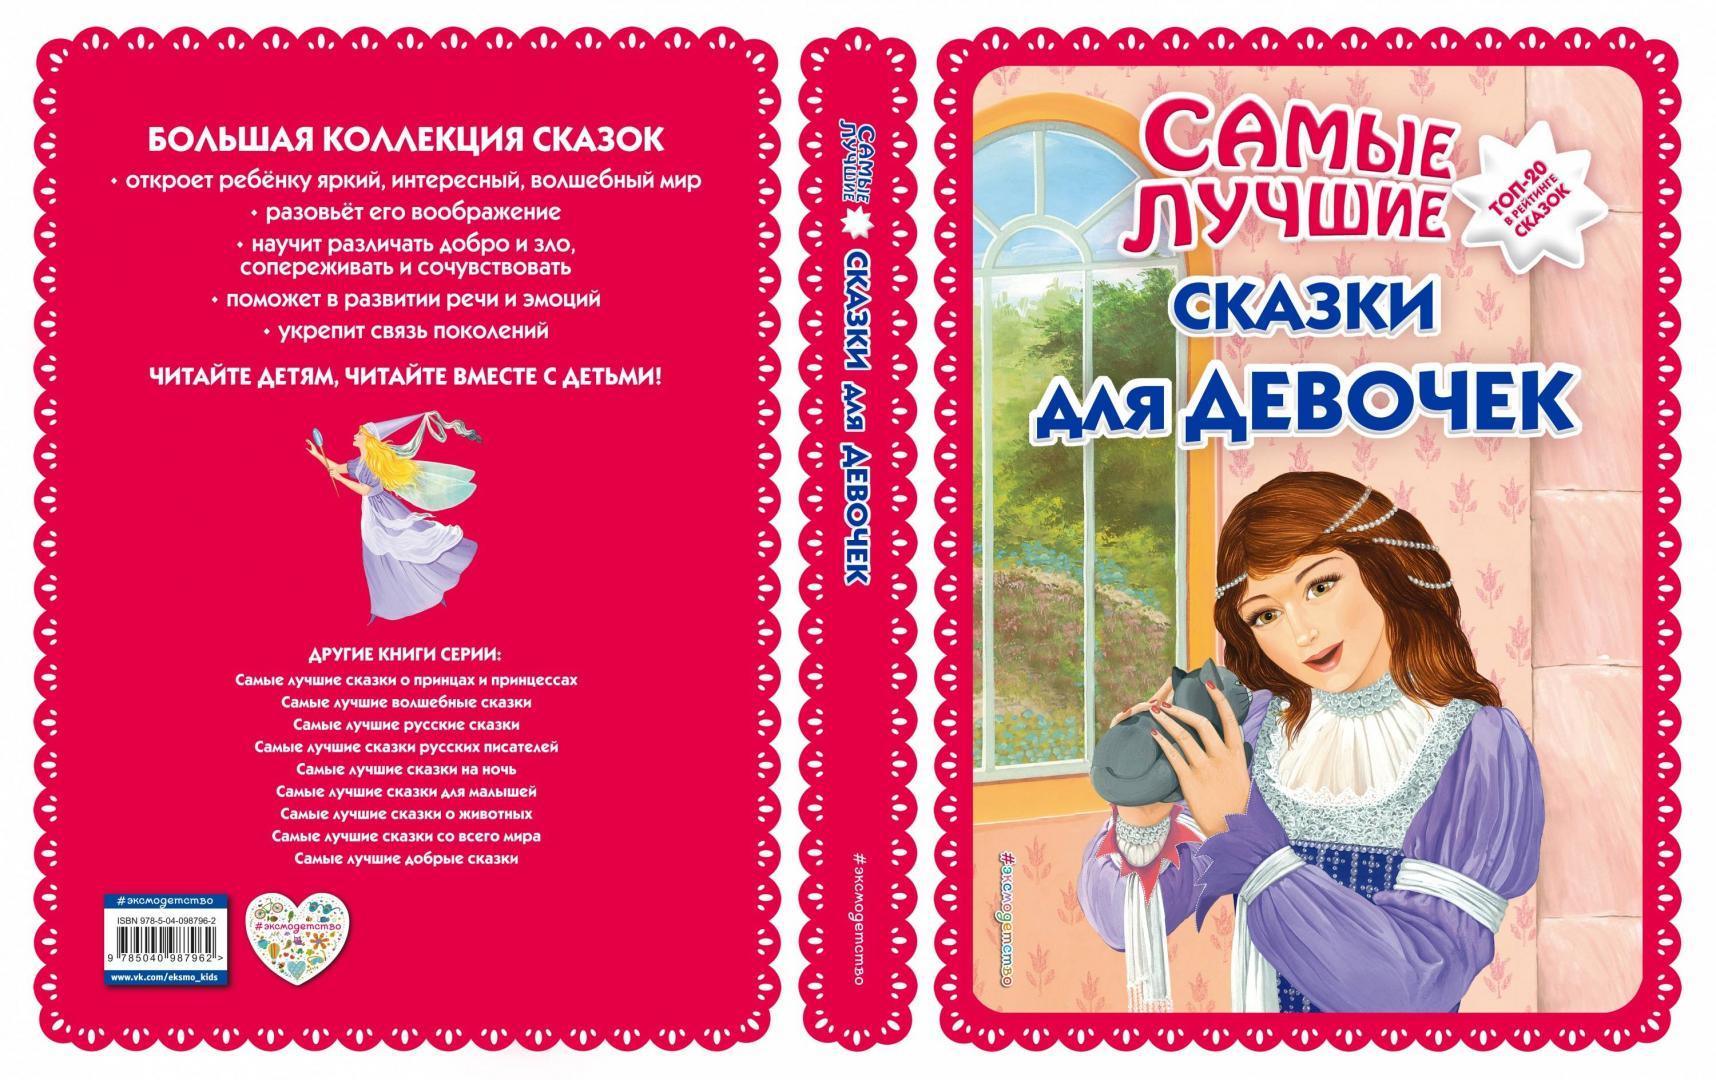 Сказки для девочки